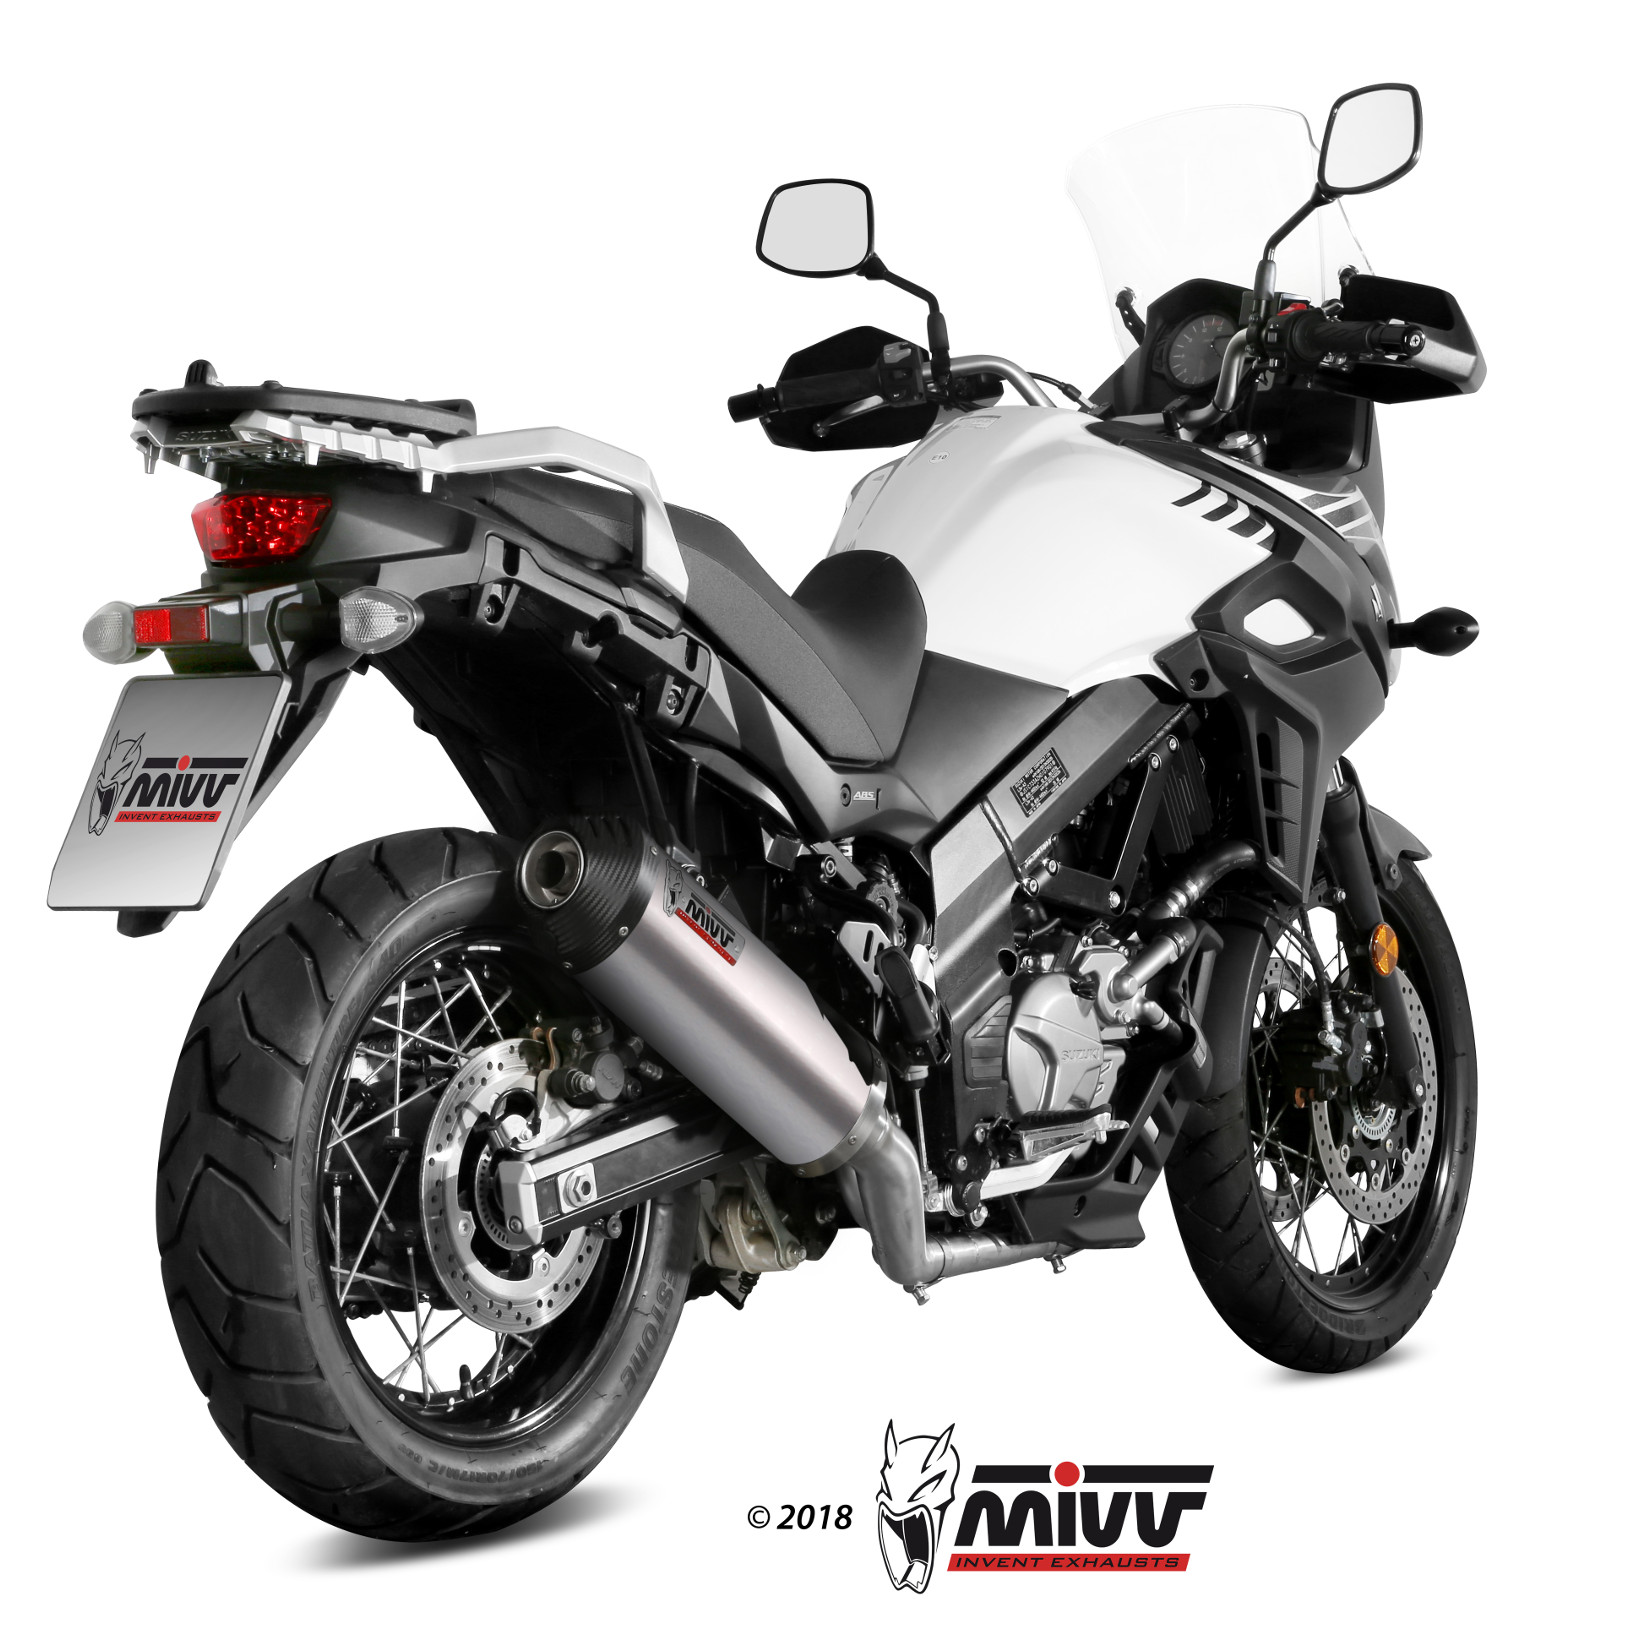 2016 Suzuki V-Strom 650 XT ABS Motorcycle UAEs Prices